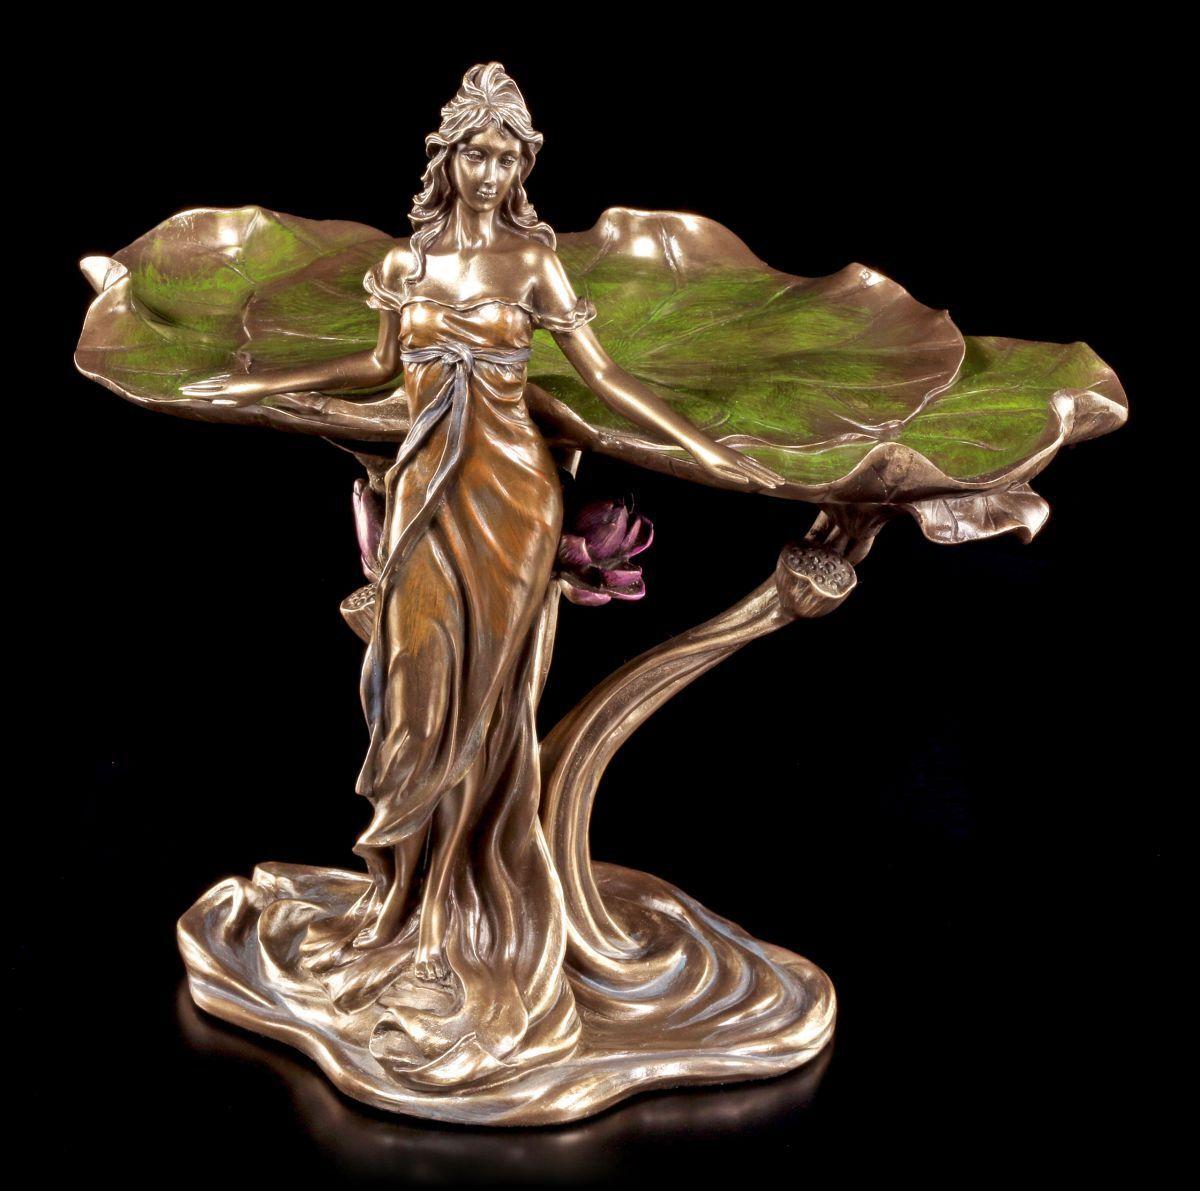 Estilo Moderno Carcasa - damen con Nenúfares - Veronese Art Nouveau - Figura